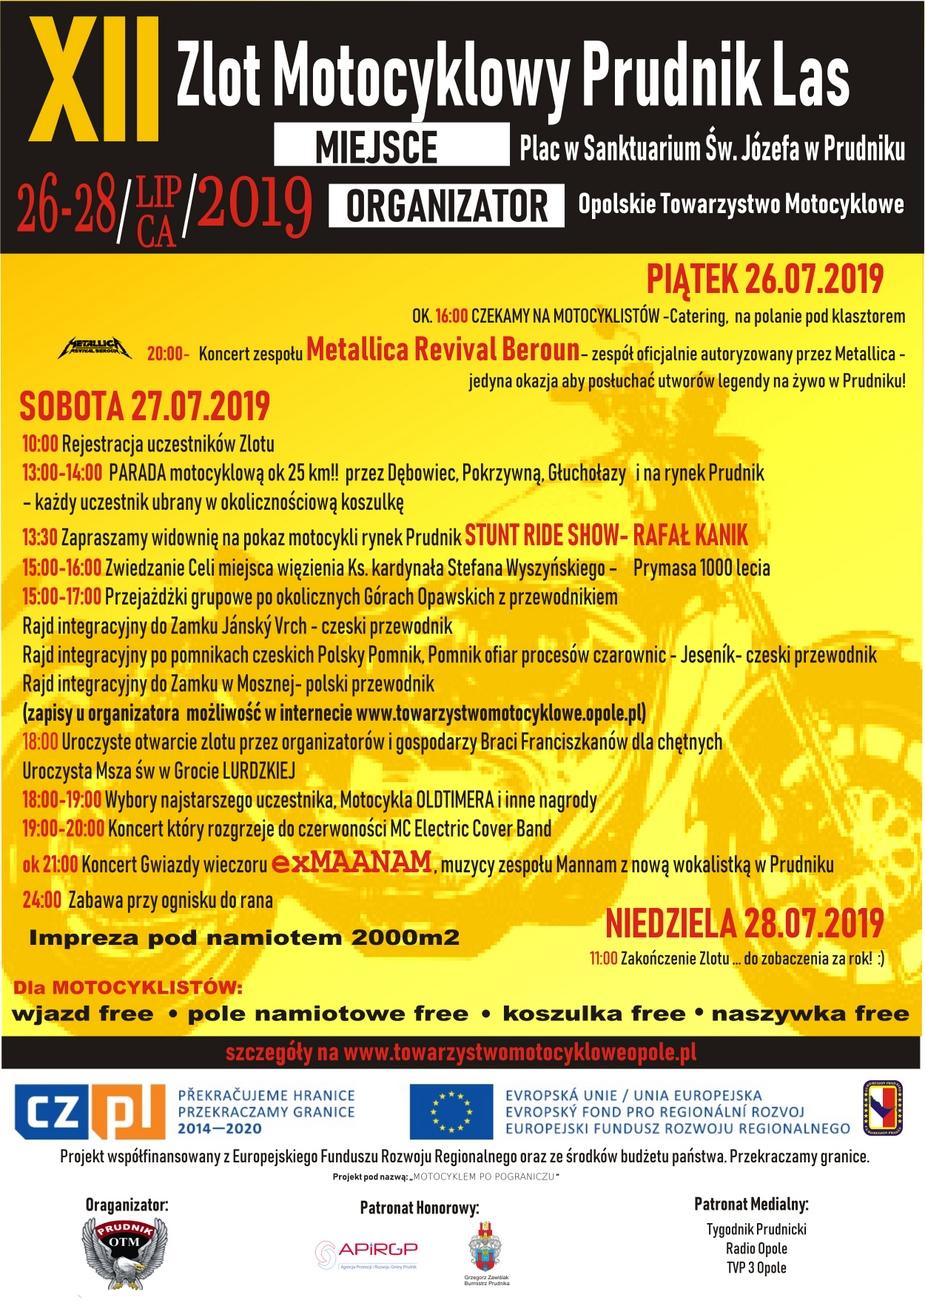 XII Zlot Motocyklowy Prudnik Las już w weekend – też tam będziemy! [materiały organizatora]